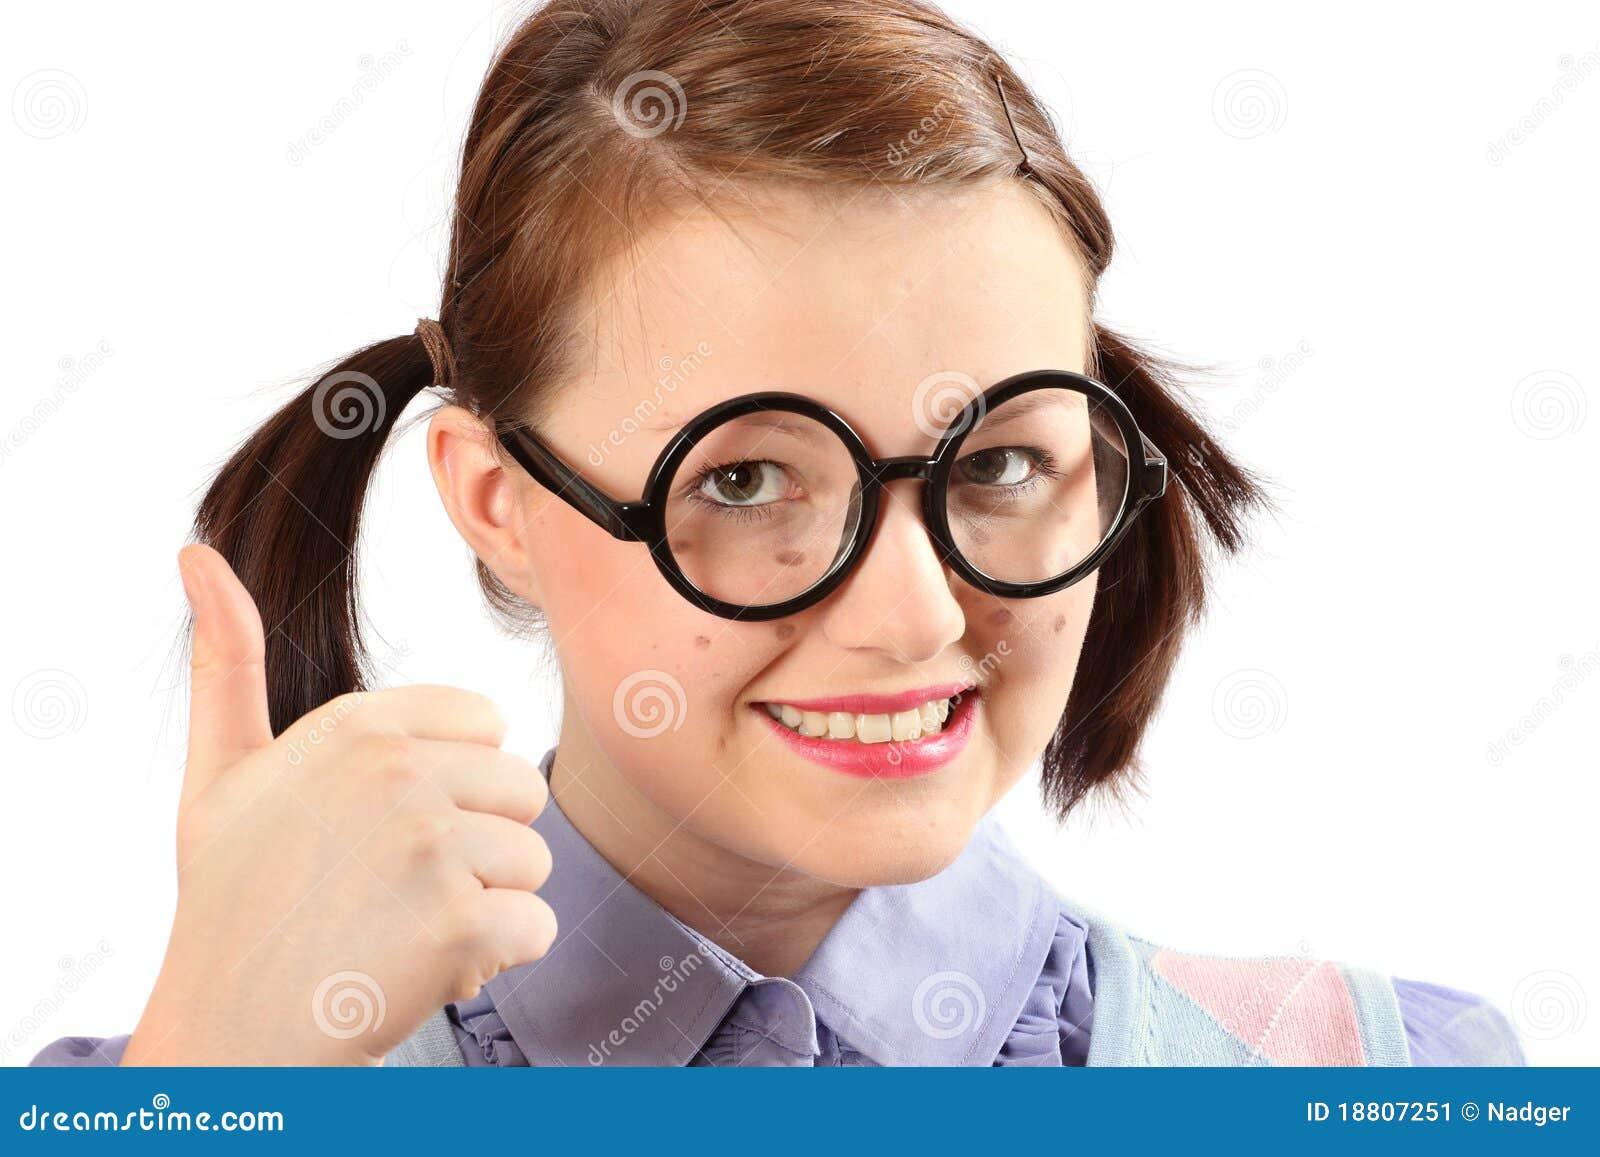 Geeky girl thumbs